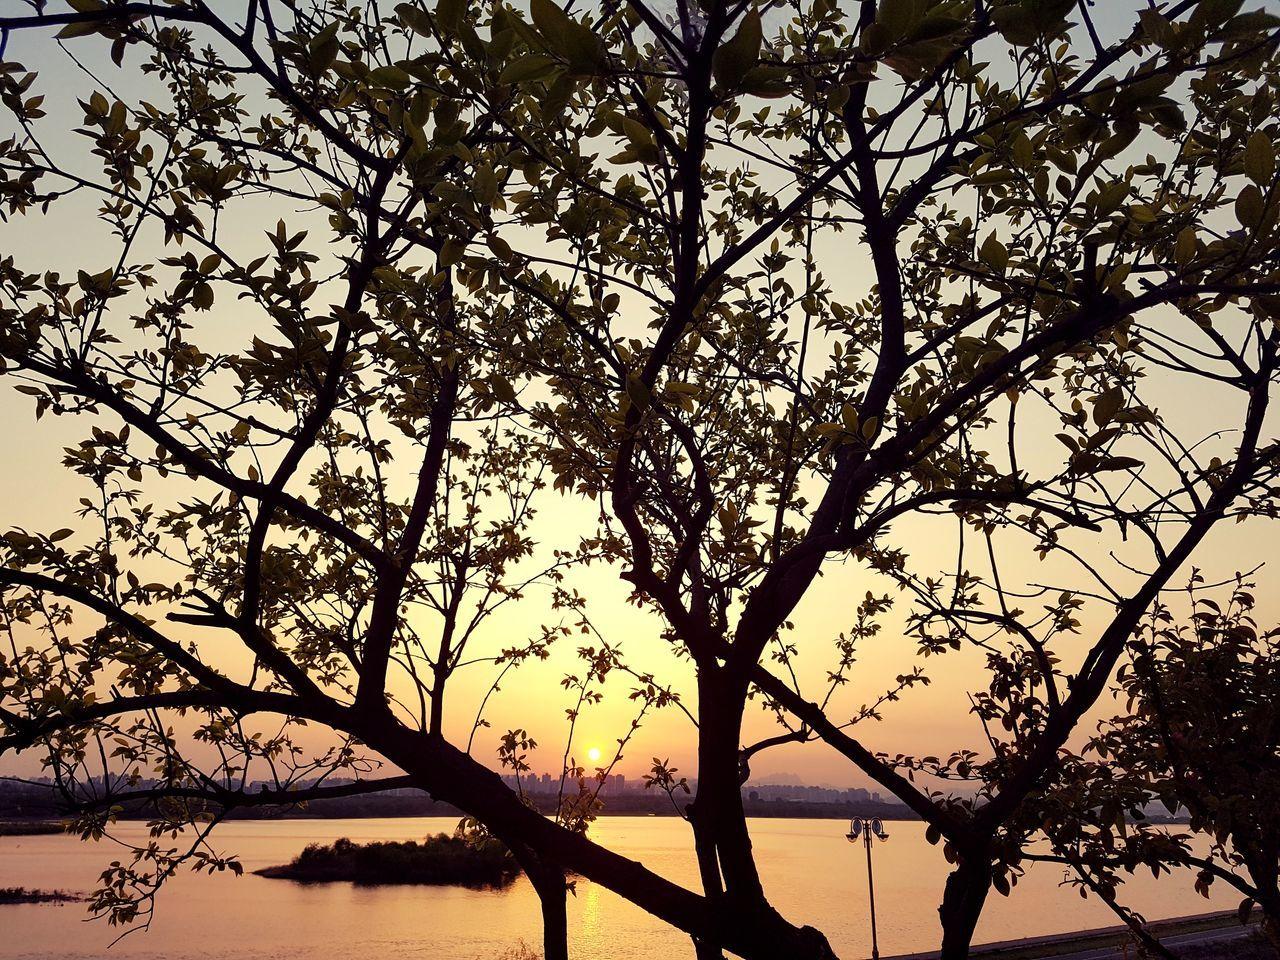 남양주 카페 요새에서... Sky Spring Springtime Beautiful 좋아요 이쁨 가볼만한곳 추천합니다 맑은날 City Life Daily Life Sunset Sun Skyline 카페 카페스타그램 남양주카페 분위기깡패